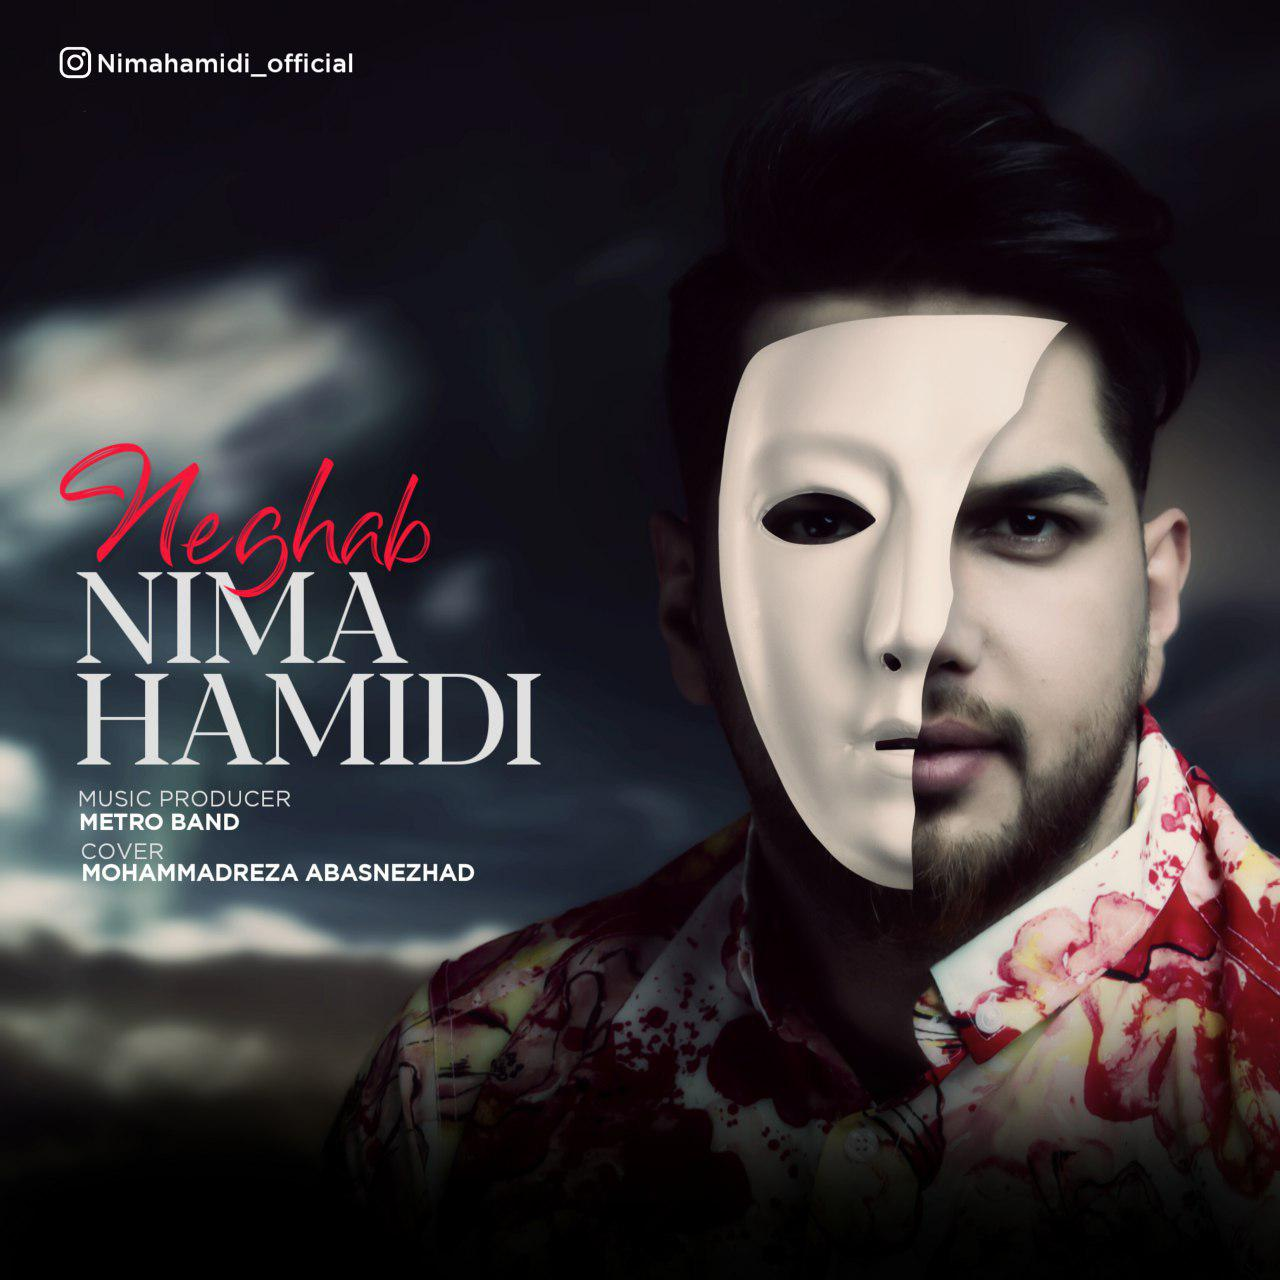 دانلود آهنگ جديد نیما حمیدی به نام نقاب